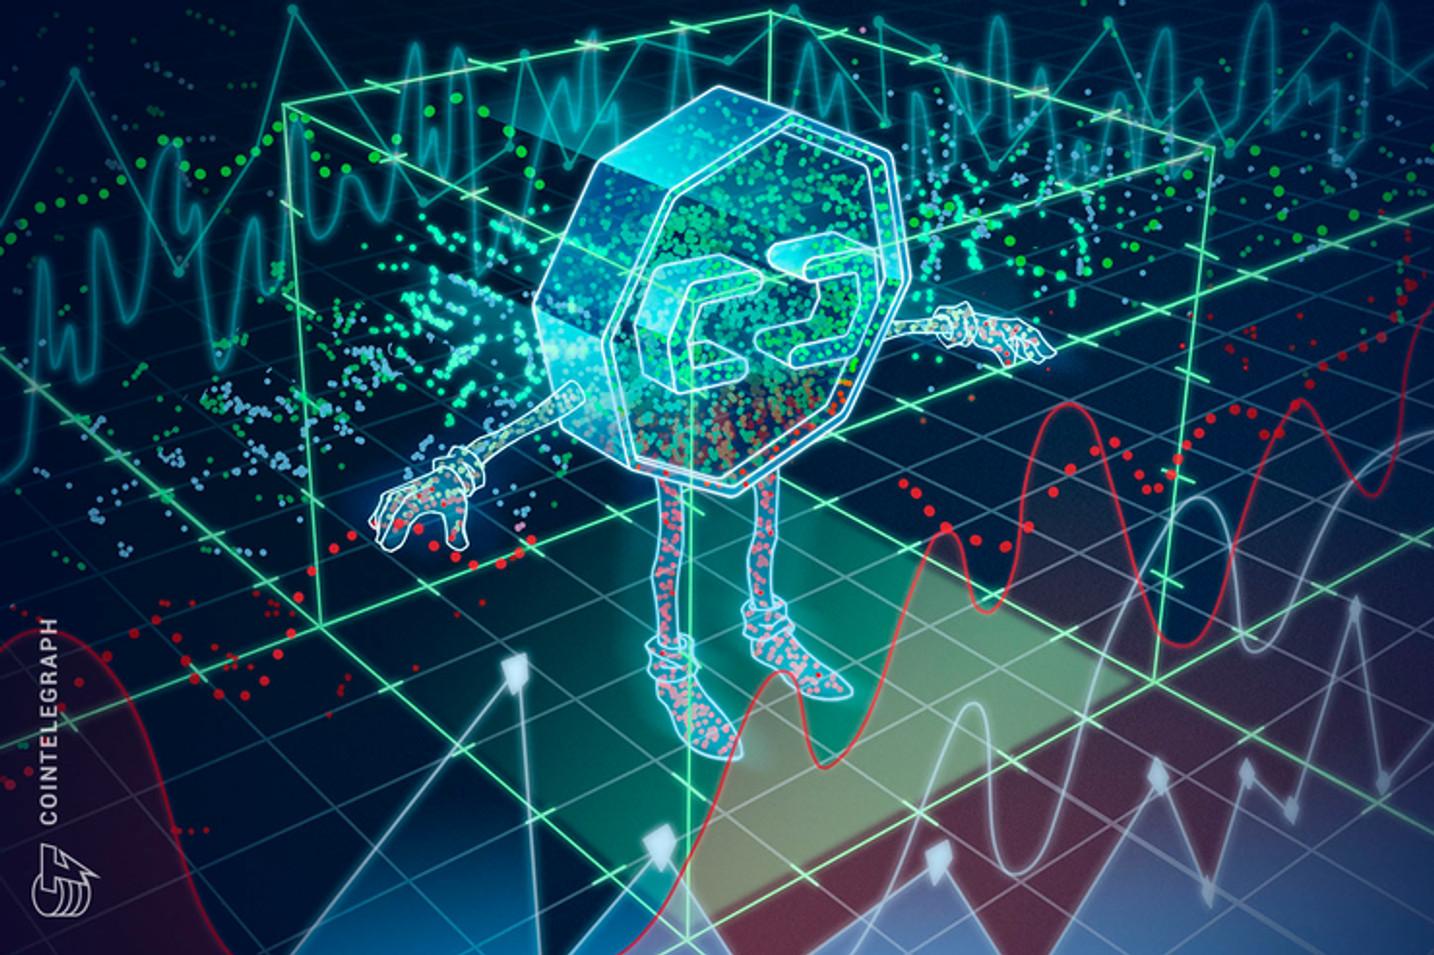 CVM prepara equipe para receber primeiros projetos para Sandbox que pode permitir emissão regulamentada de criptoativos no Brasil